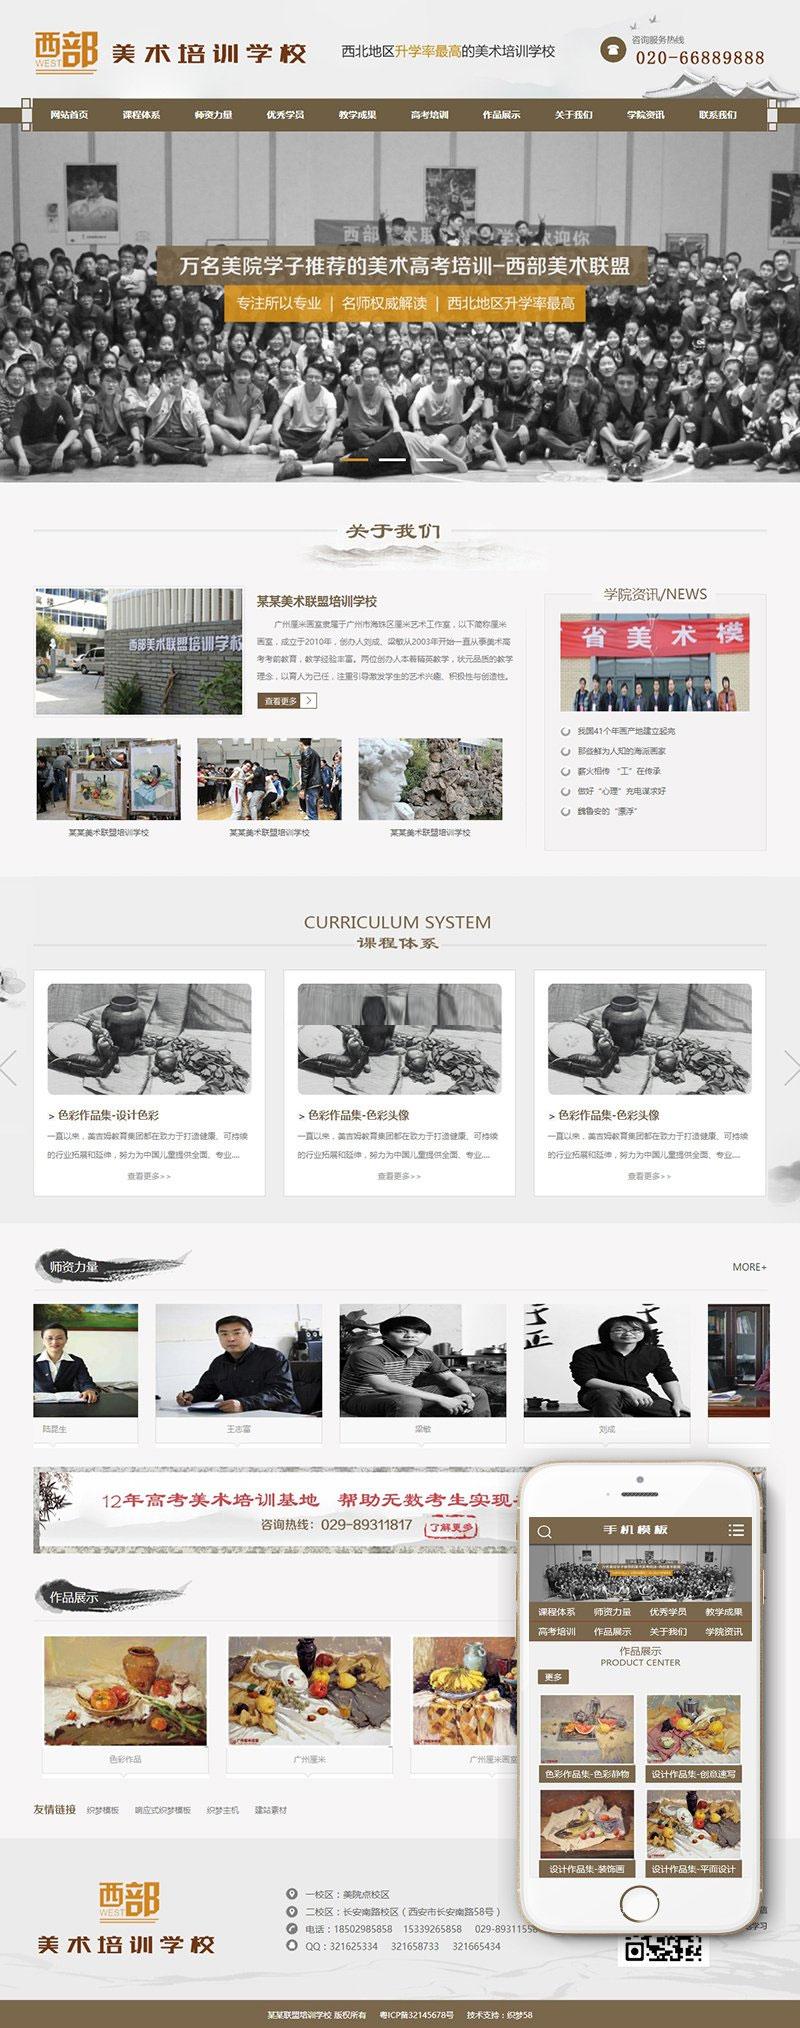 织梦dedecms美术培训学校网站模板(带手机移动端)